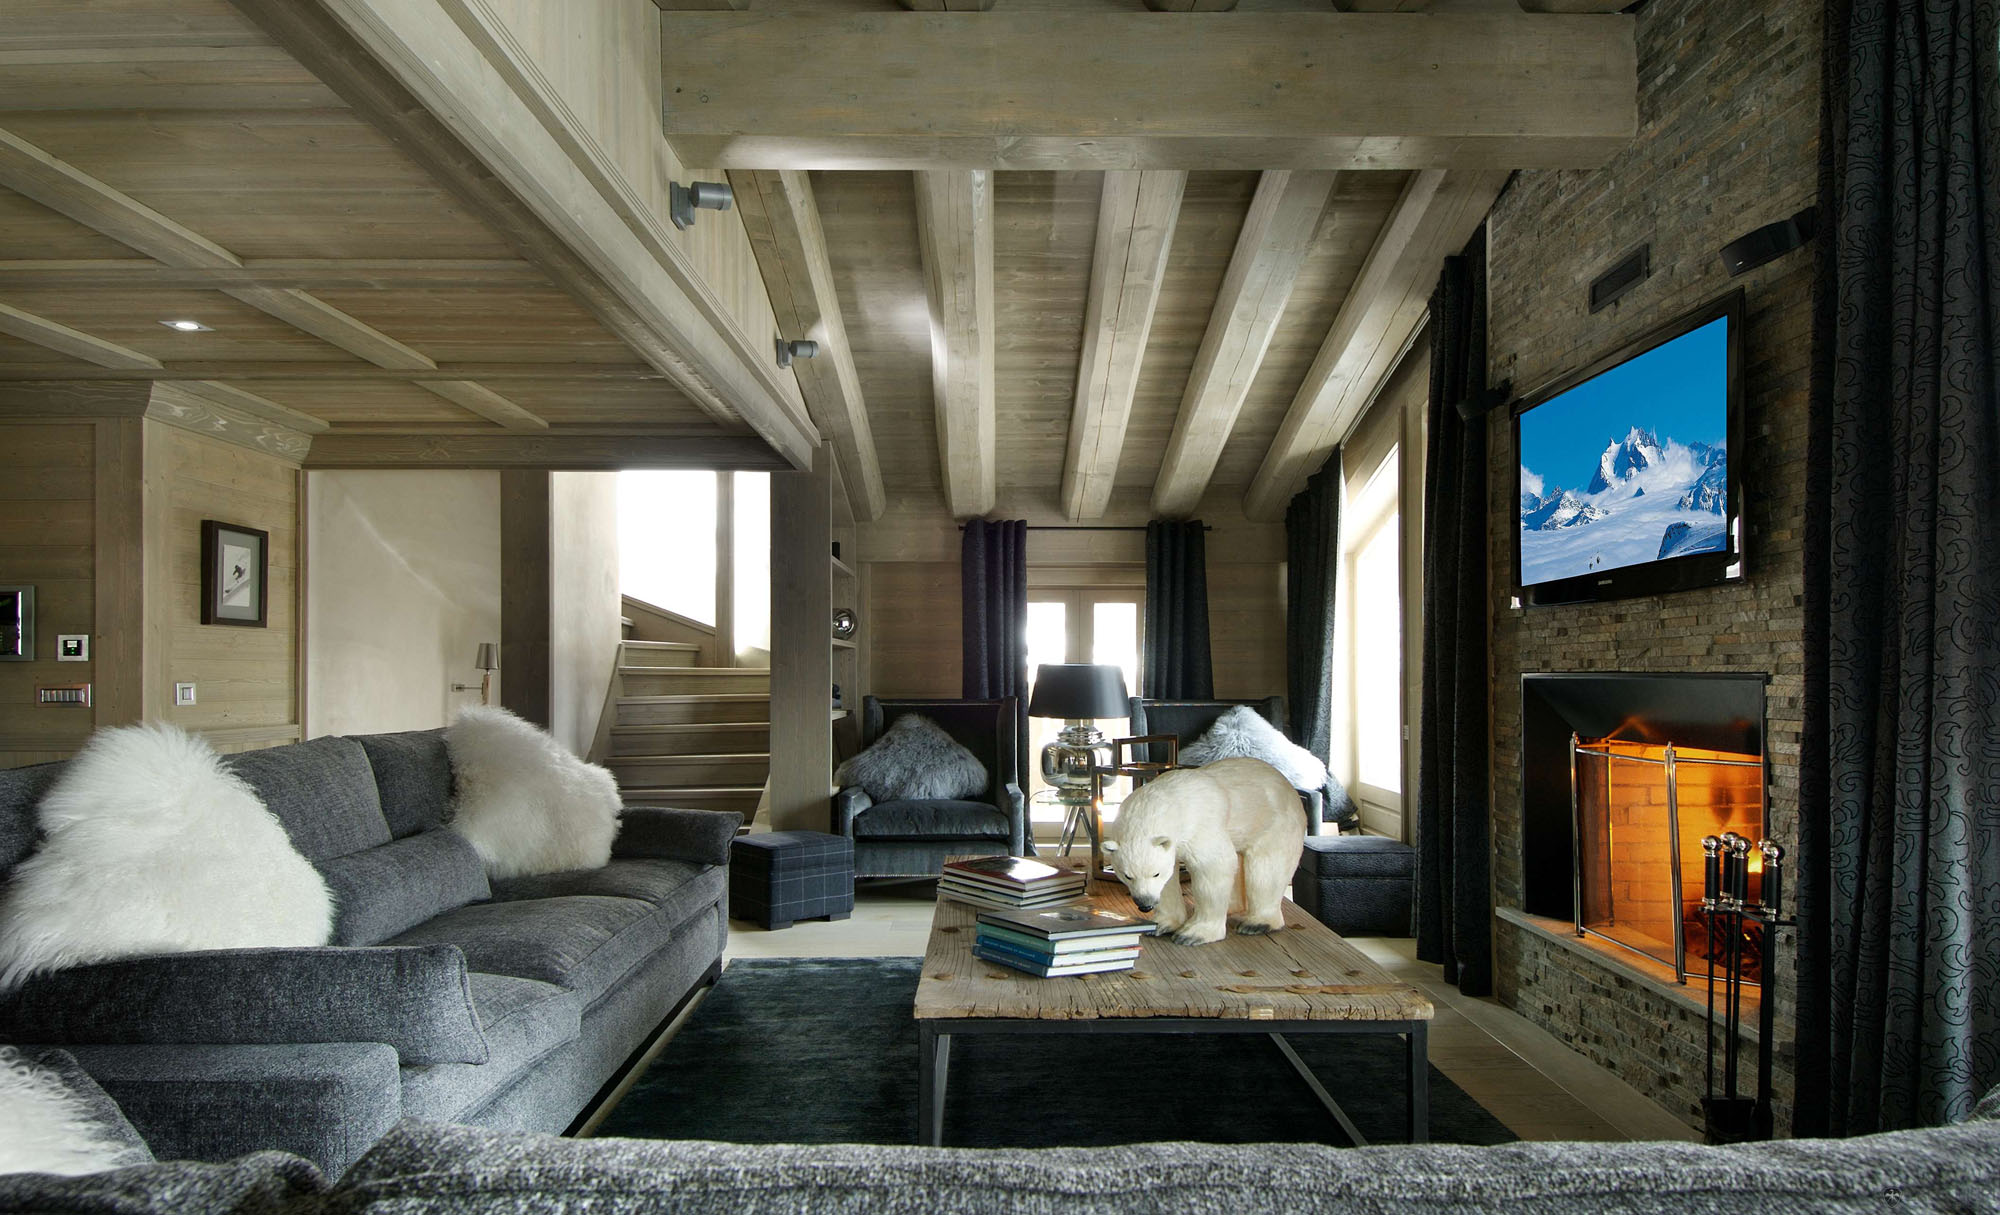 70 moderne, innovative Luxus Interieur Ideen fürs Wohnzimmer